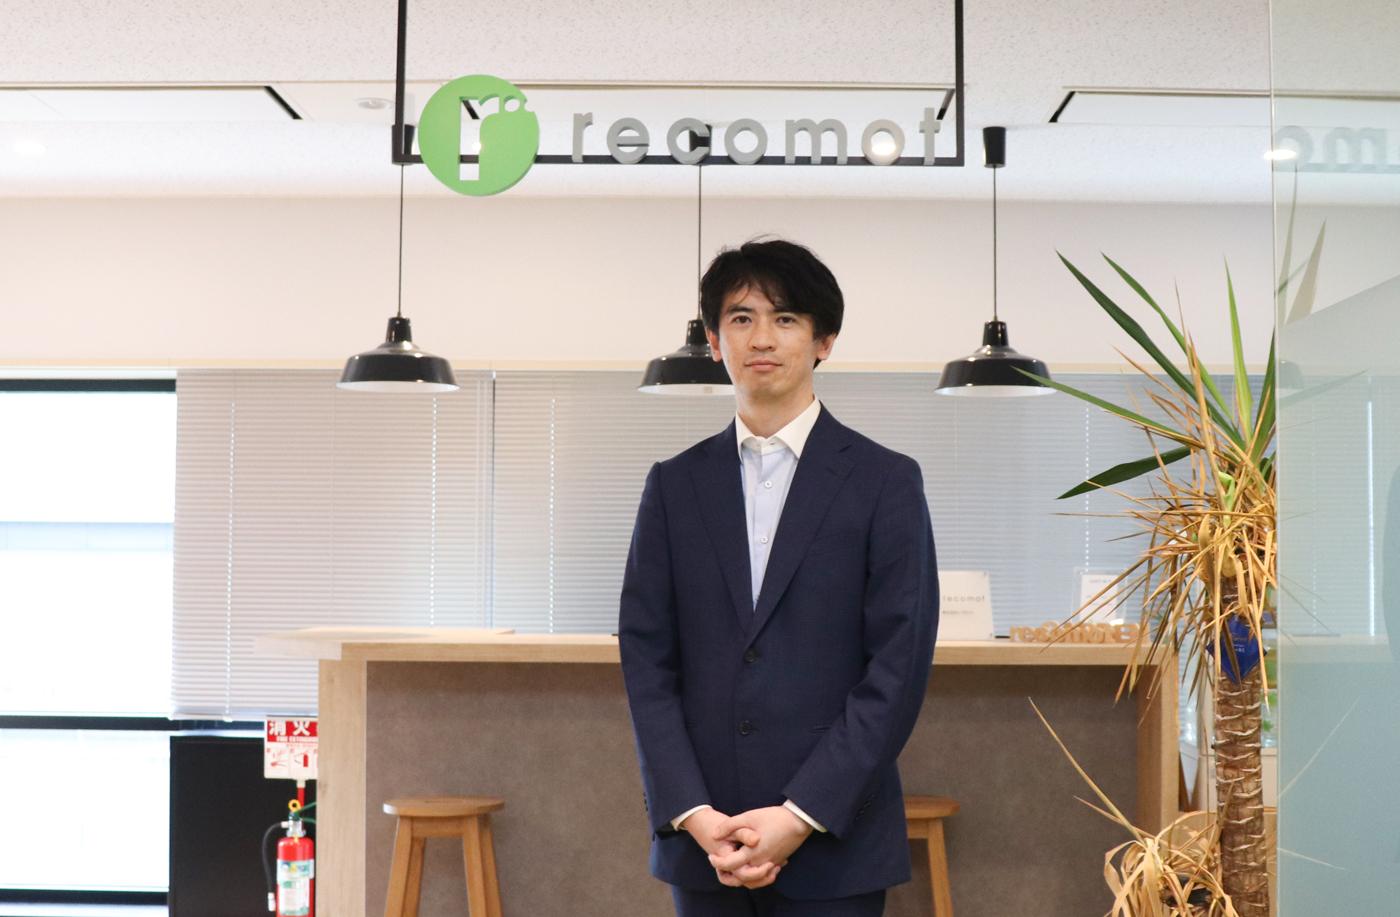 株式会社レコモット 取締役 谷口 裕志様